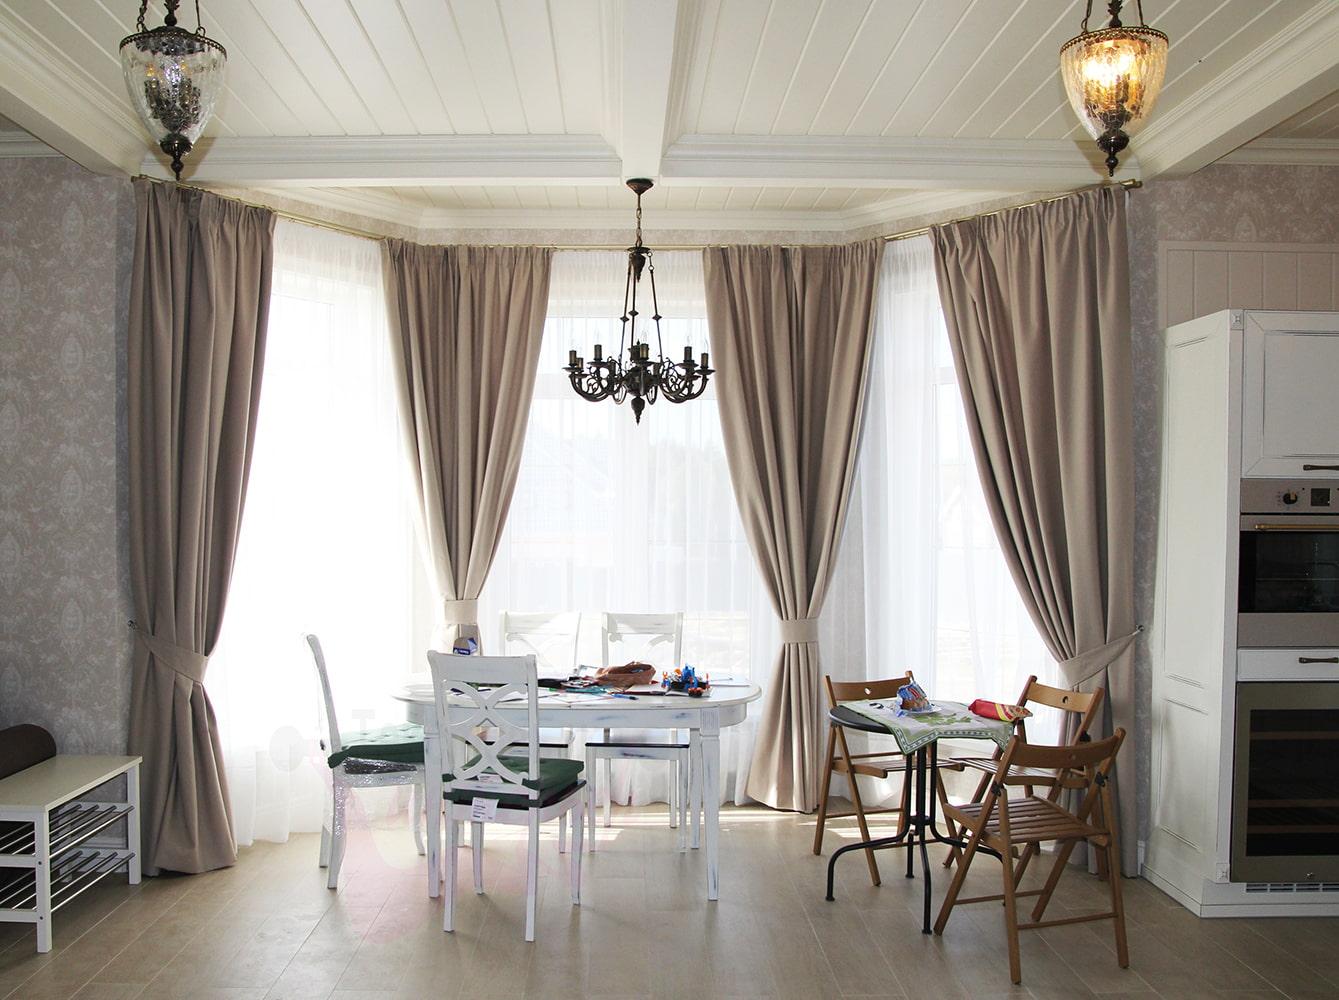 данном шторы для кухни эркер фото своей хромотой спокойно